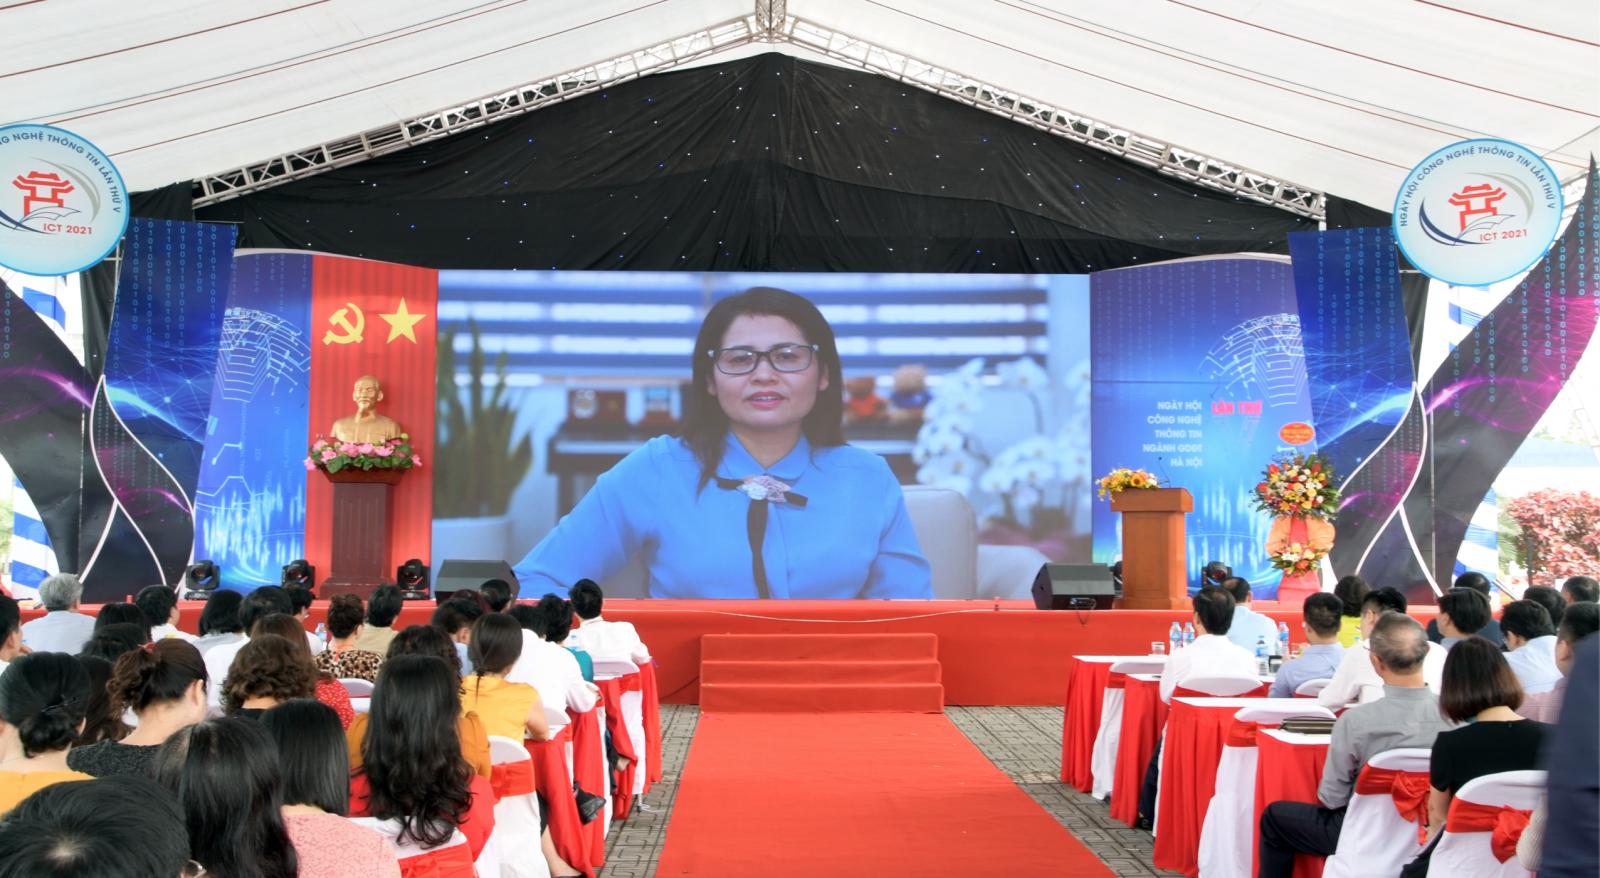 Trường Nguyễn Siêu đạt nhiều giải thưởng tại ngày hội CNTT ngành GD-ĐT Hà Nội